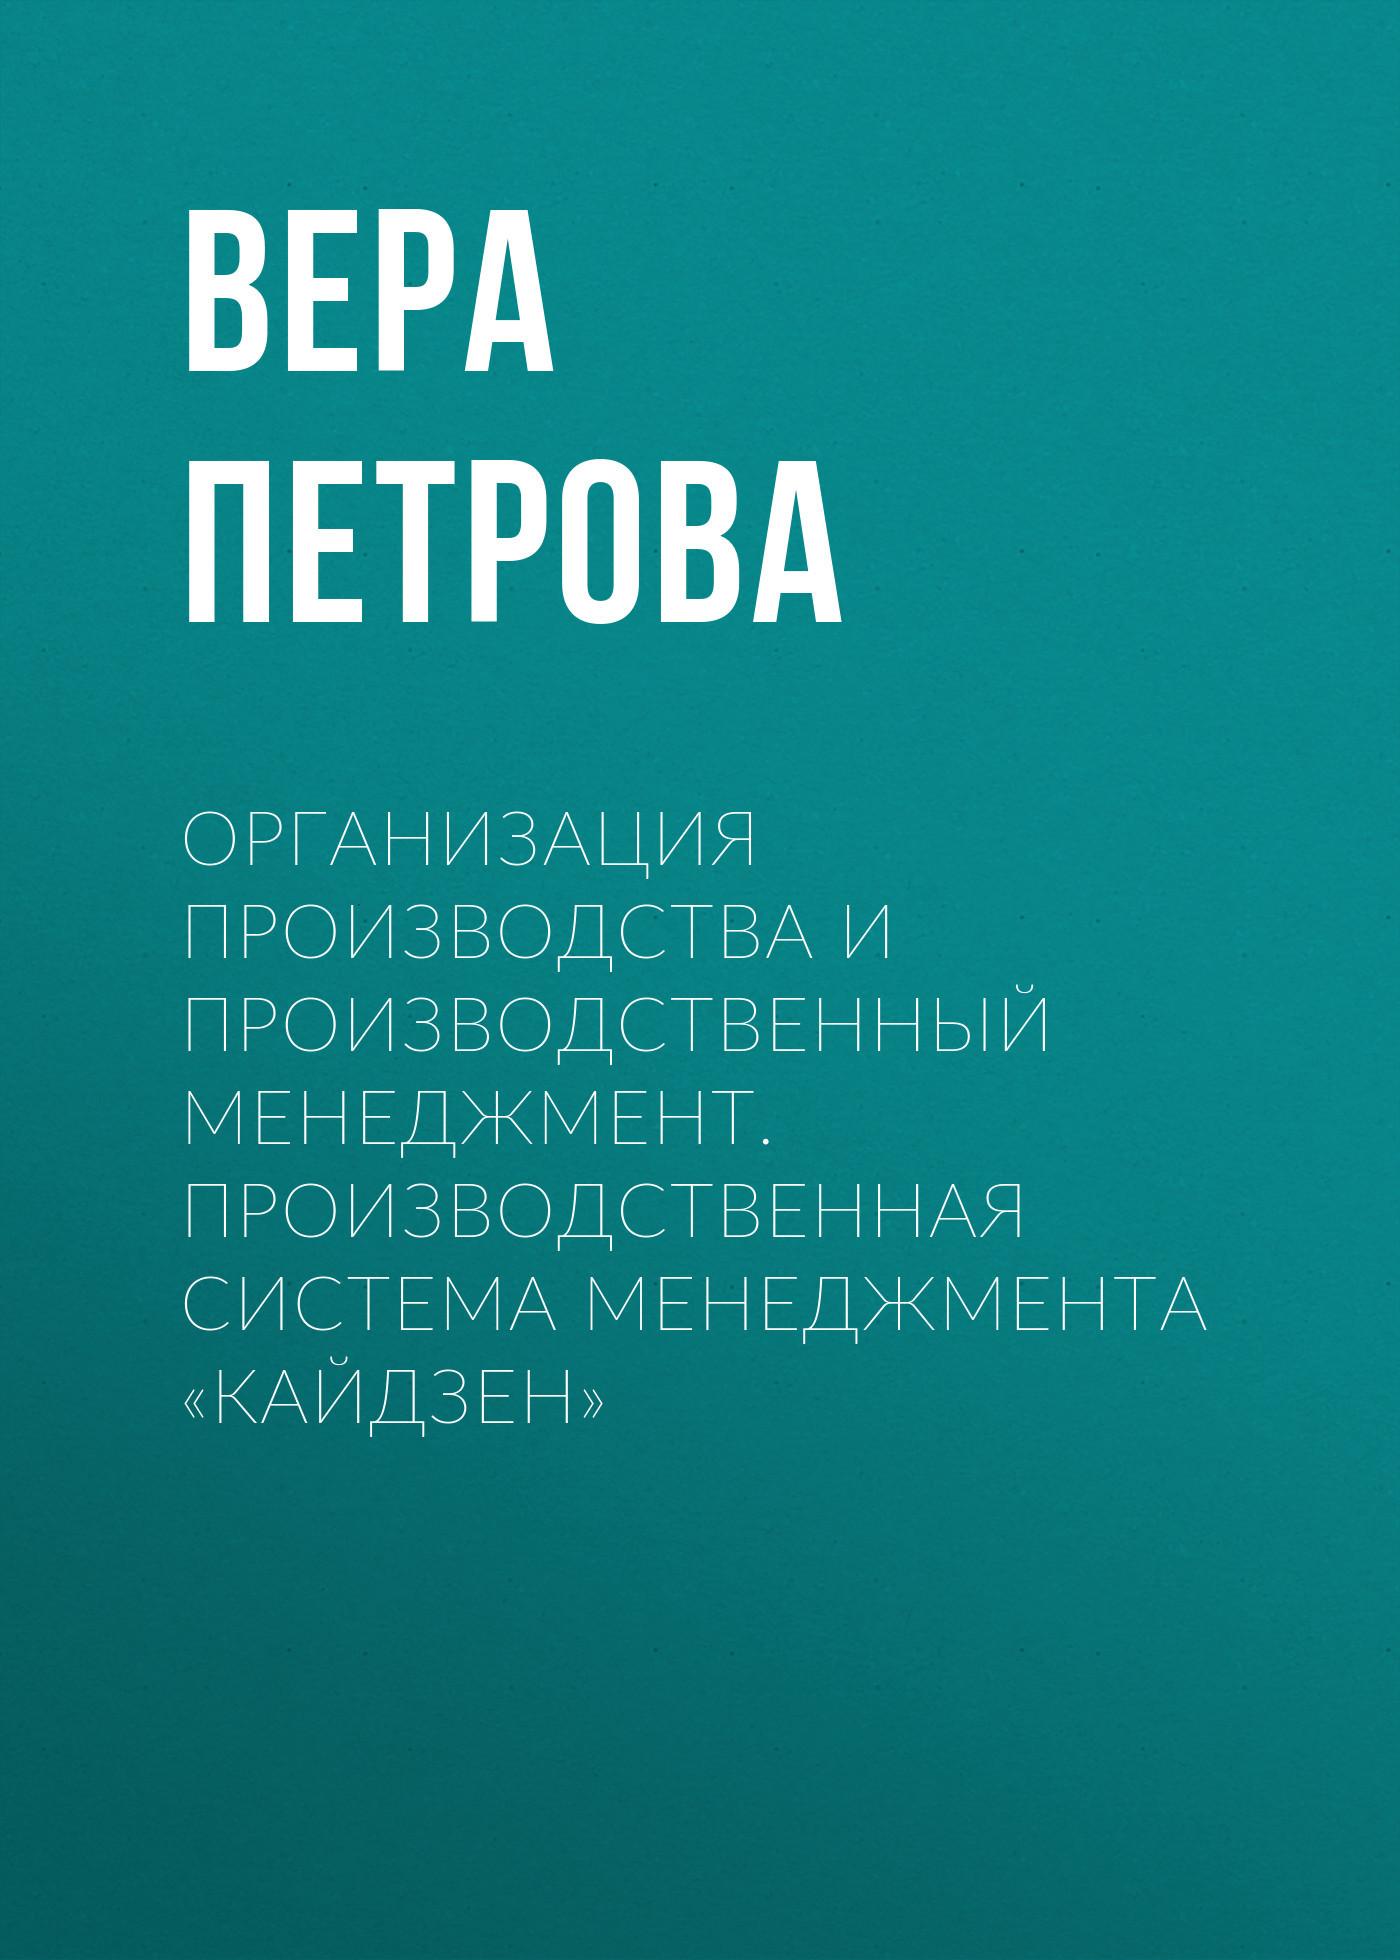 Вера Петрова. Организация производства и производственный менеджмент. Производственная система менеджмента «Кайдзен»